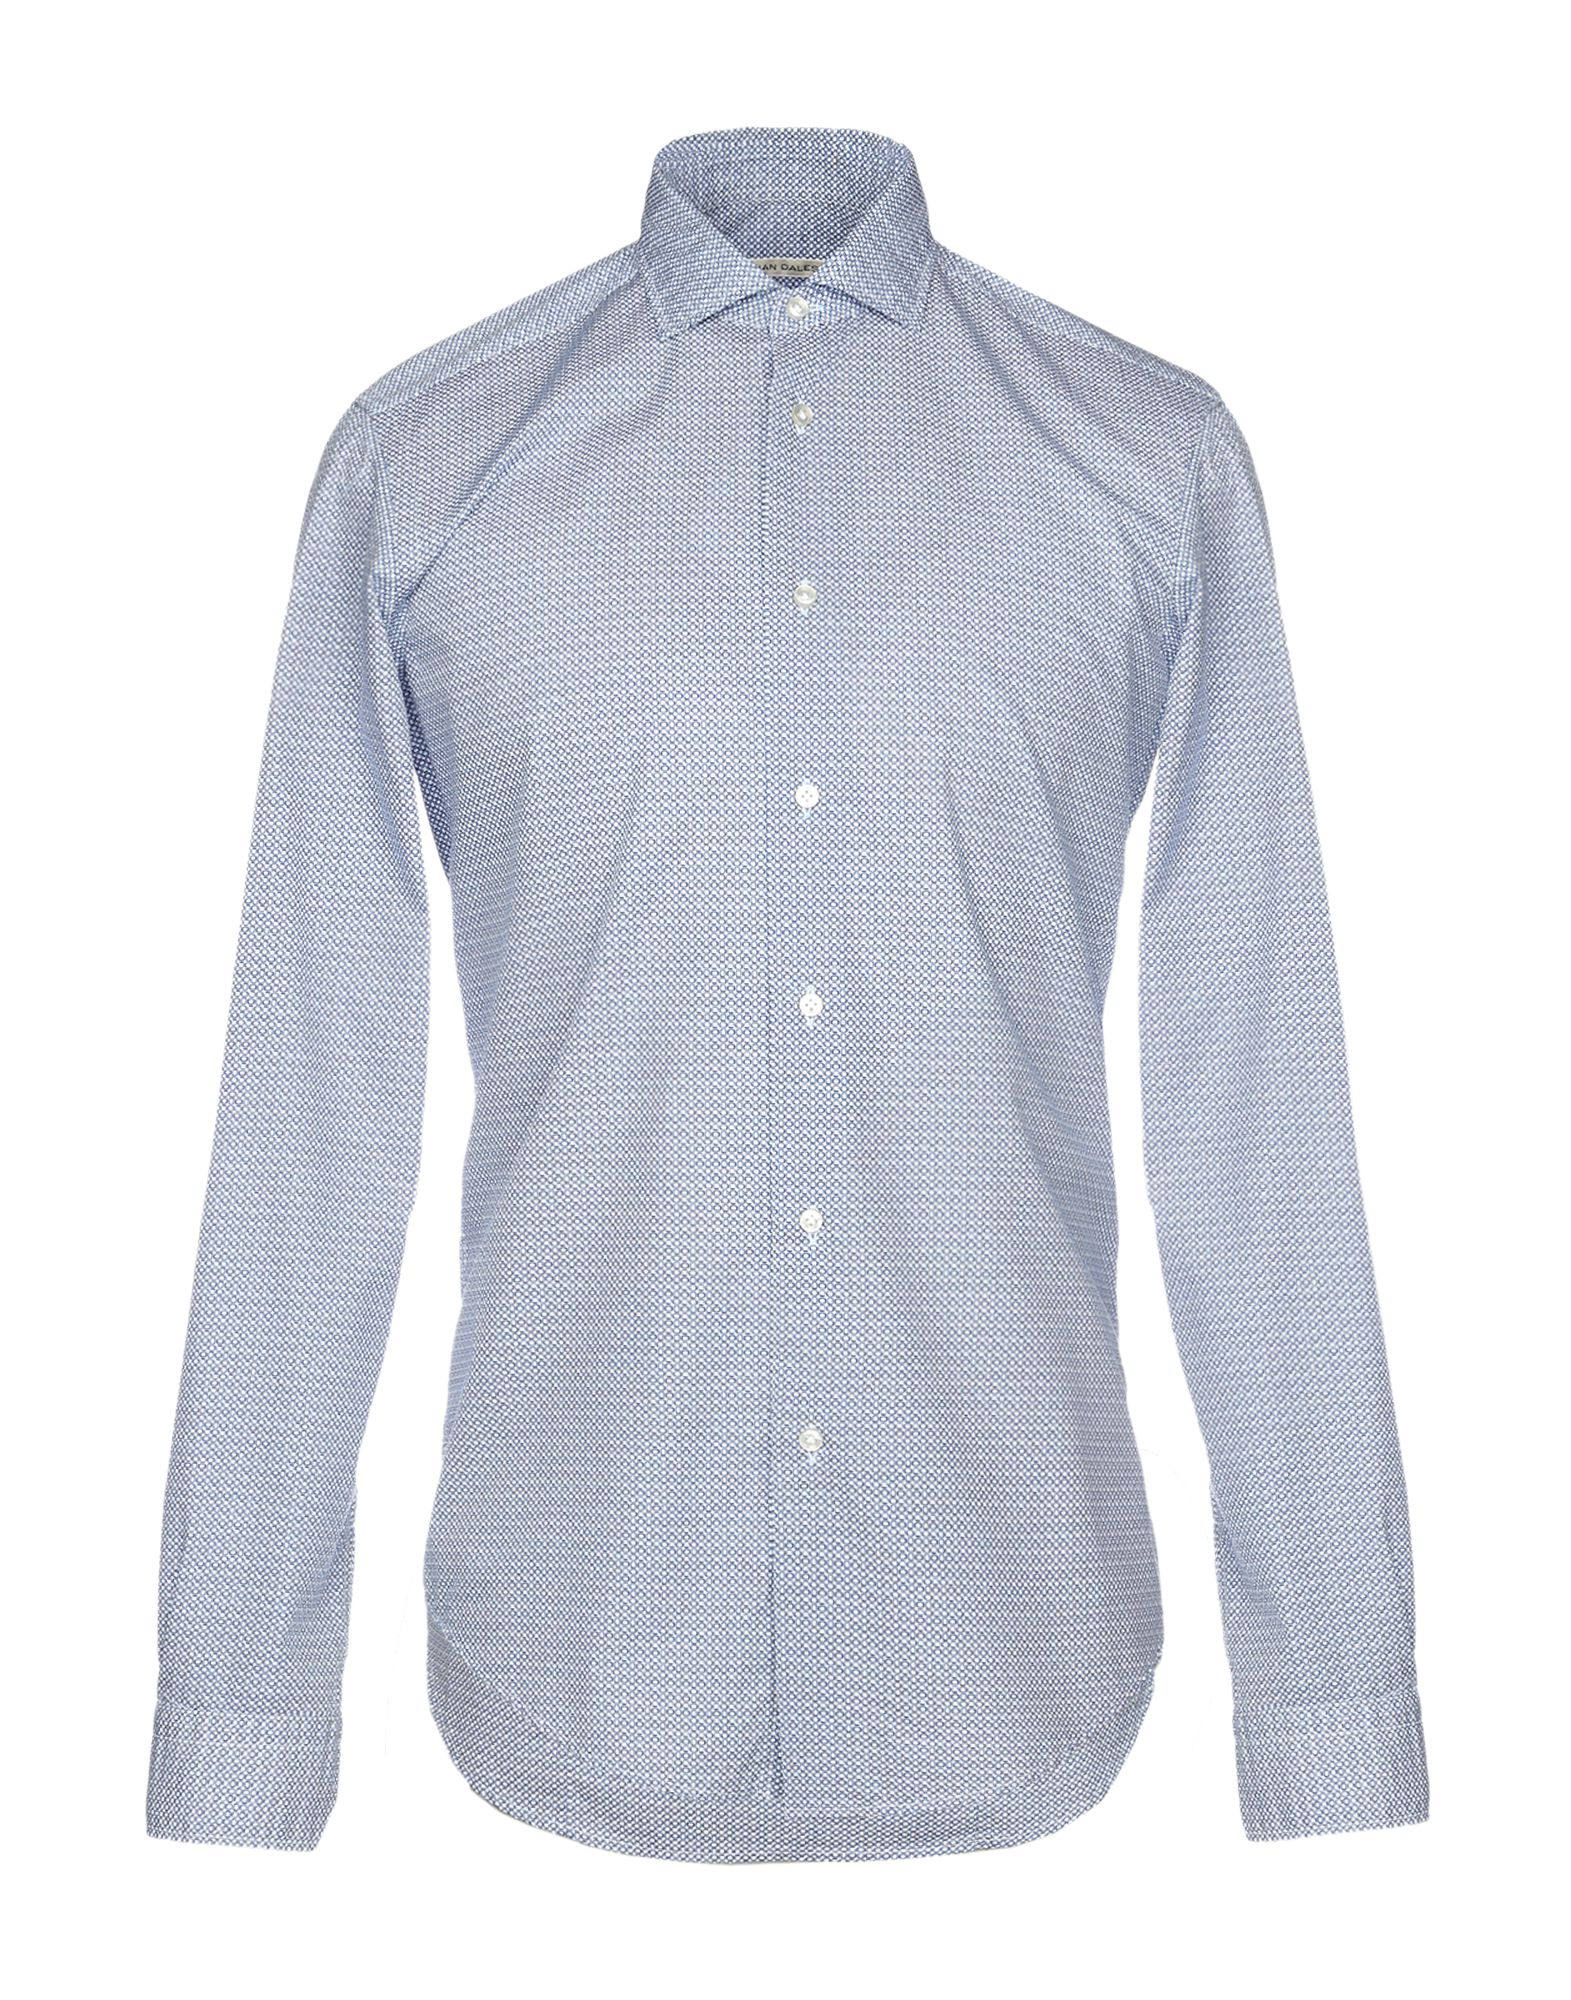 《送料無料》BRIAN DALES メンズ シャツ ダークブルー 38 コットン 100%